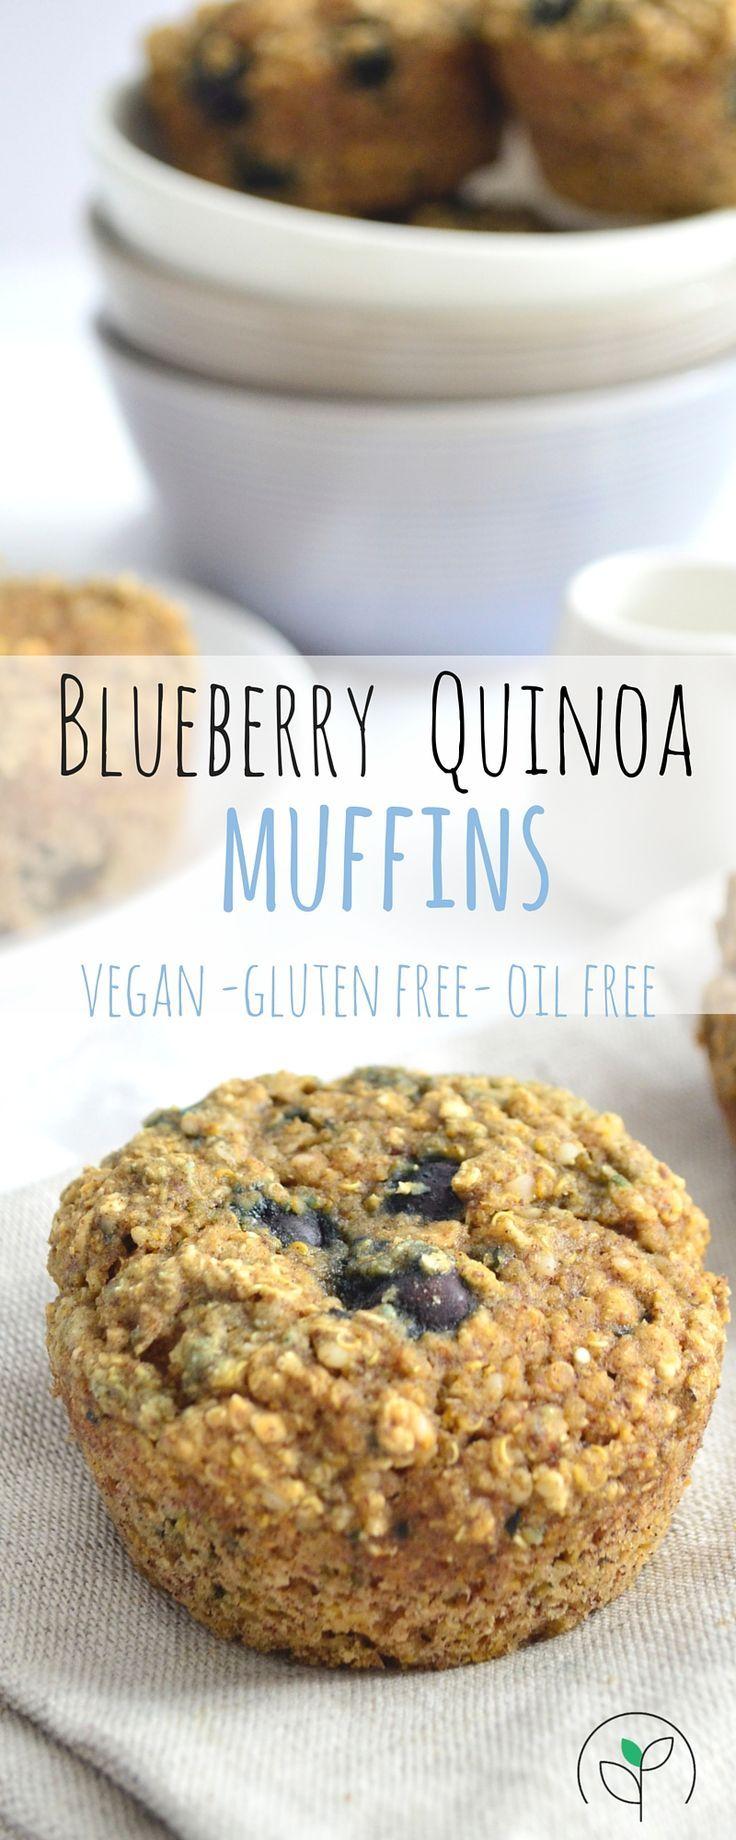 Blueberry Quinoa Muffins, high protein, gluten free and omega 3 rich #healthybreakfast #glutenfreemuffins #quinoa